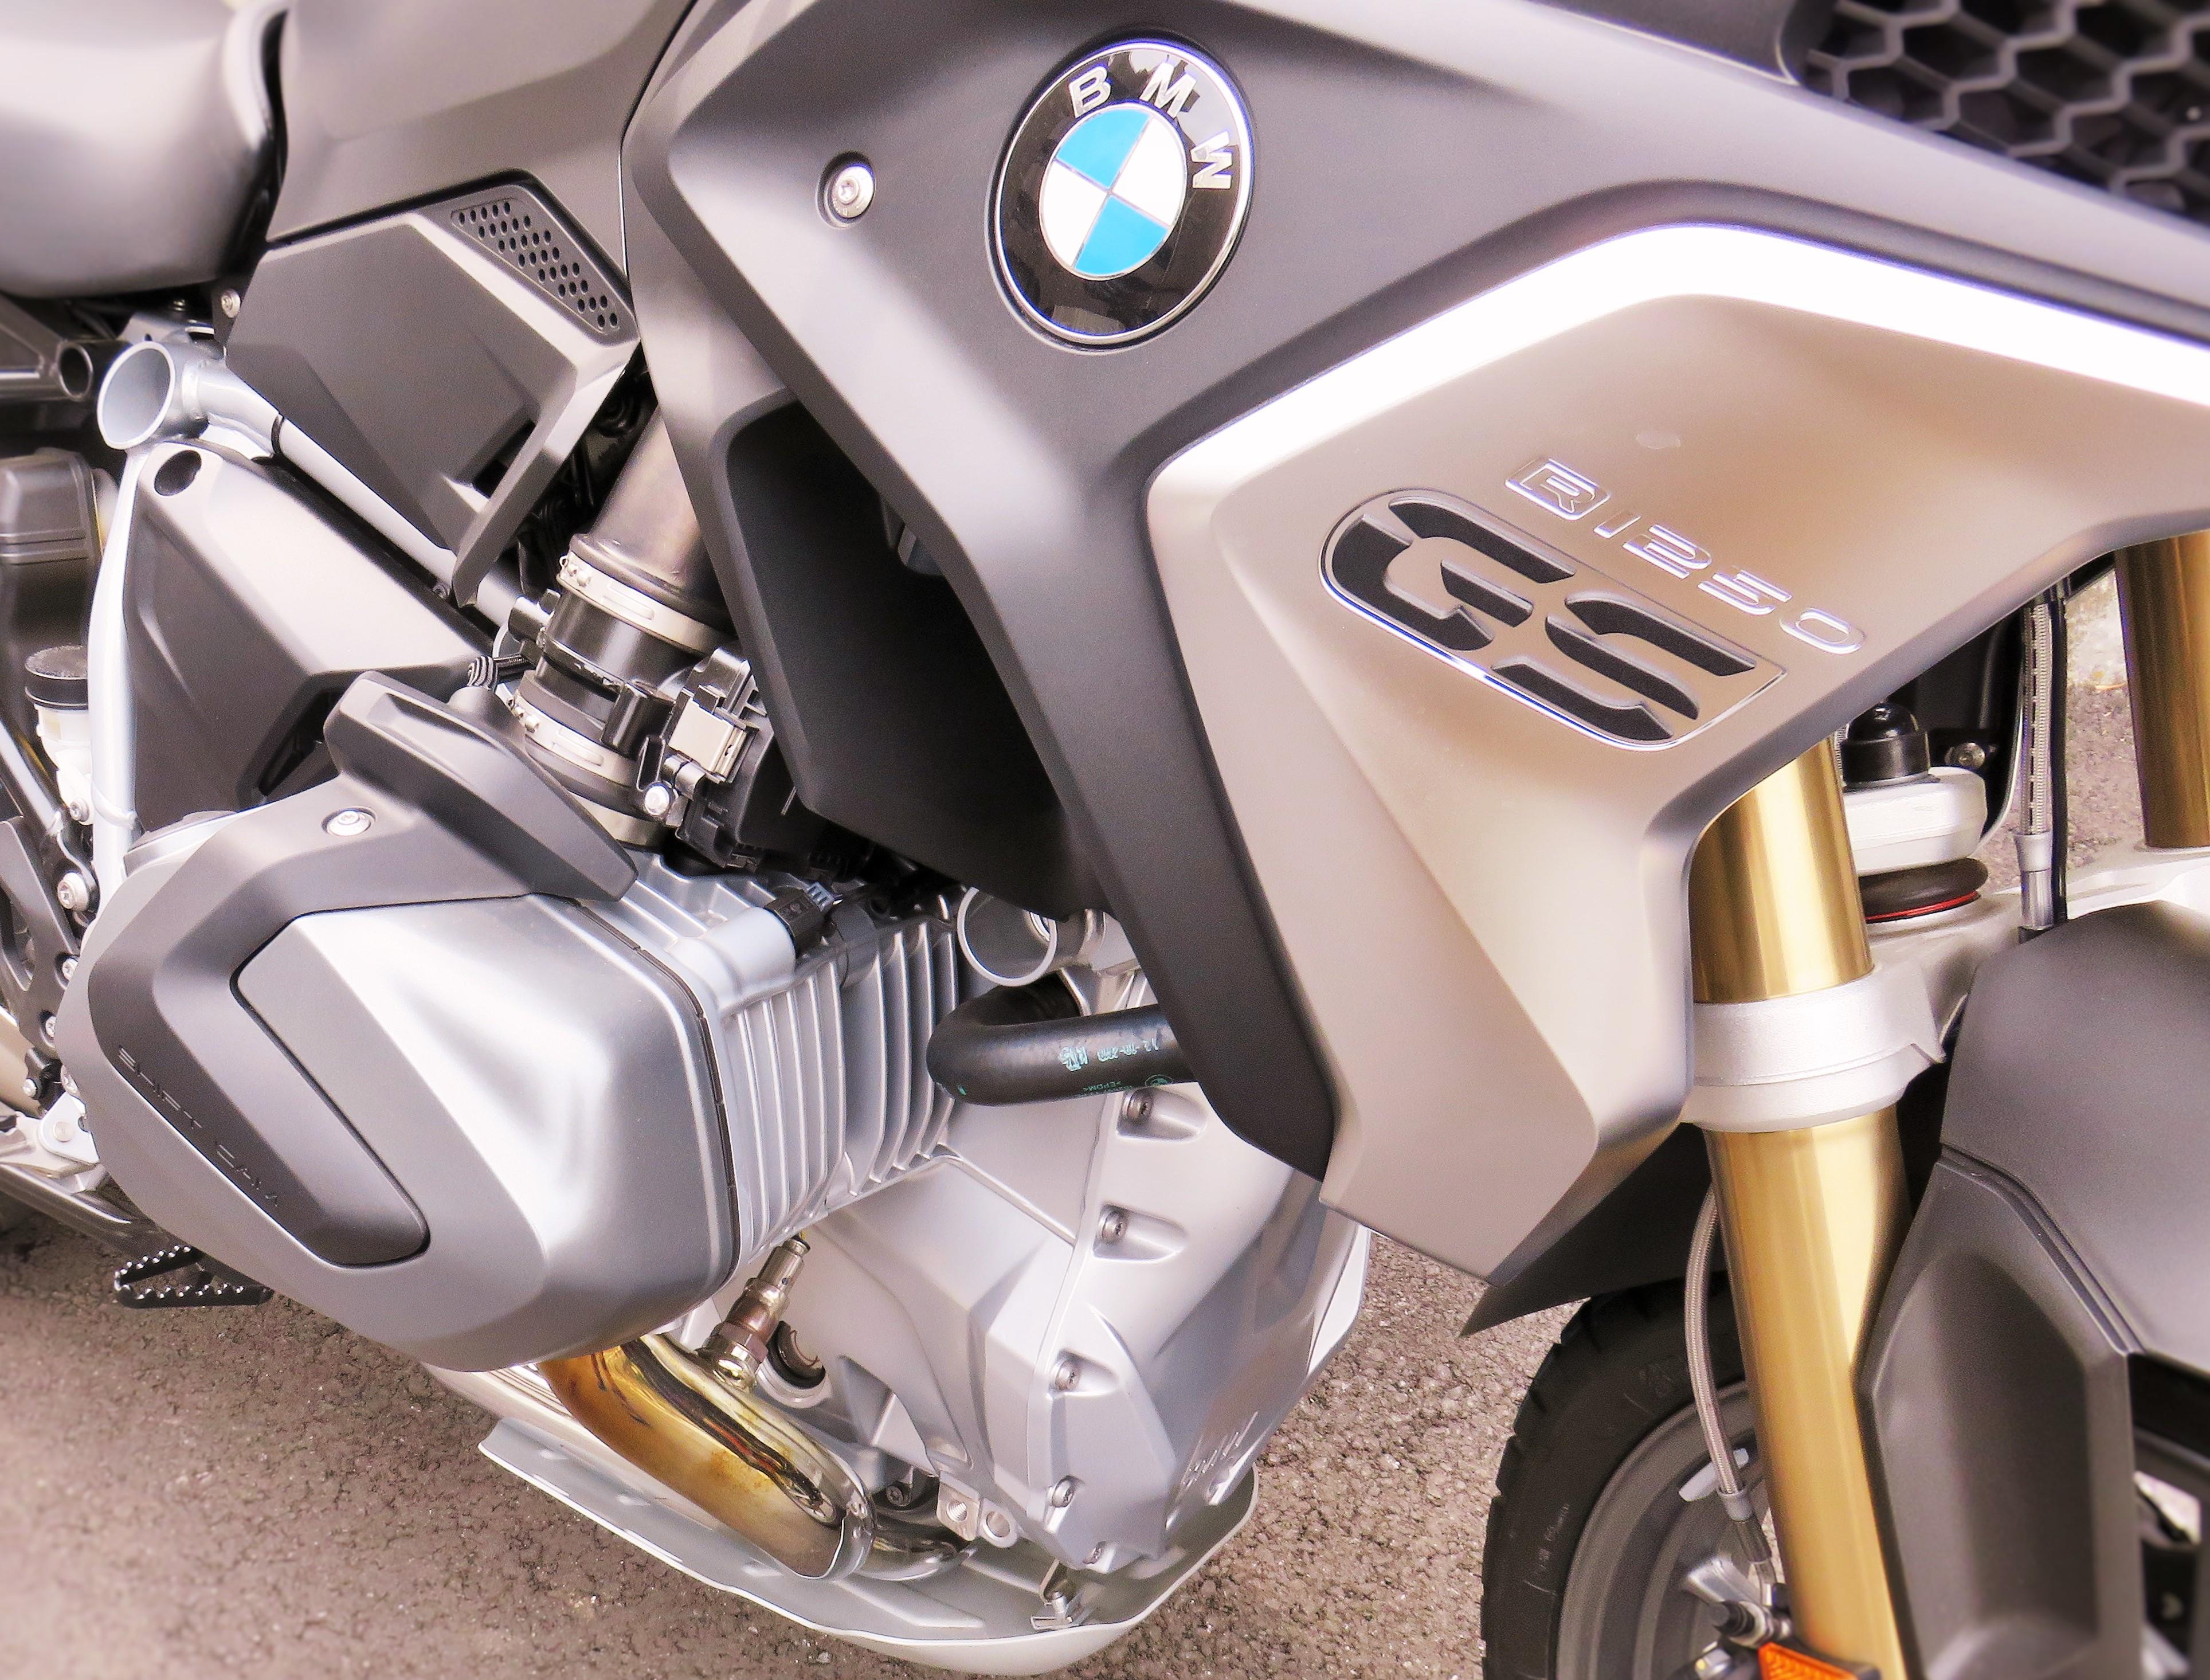 【試乗レビュー】BMW R1250GS 見た目の大きさを裏切る親しみやすい1台